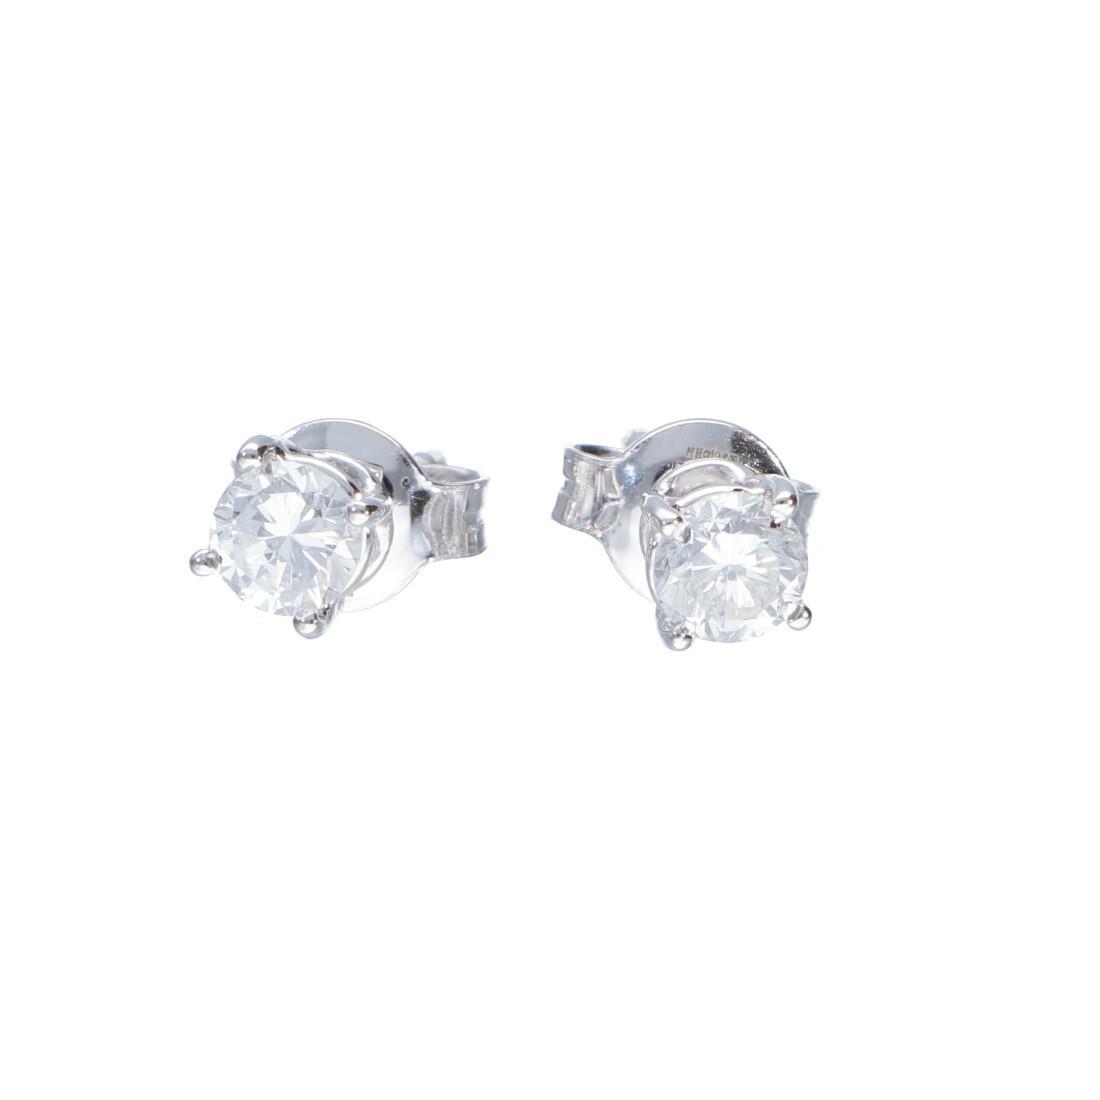 Orecchini punto luce in oro bianco con diamanti 0.57 ct - ALFIERI & ST. JOHN